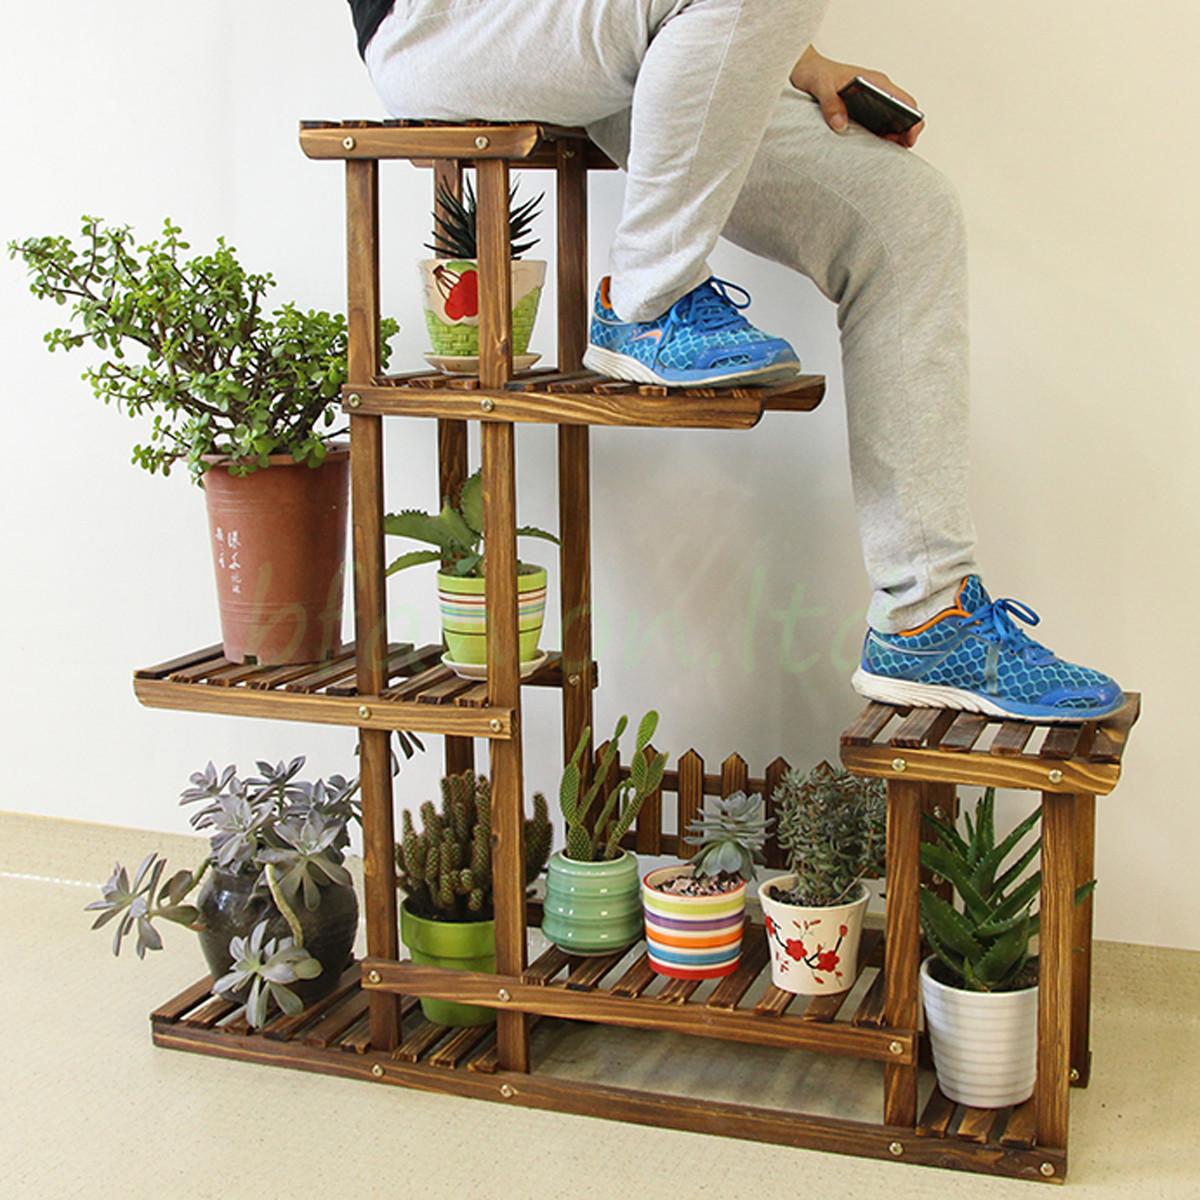 Exhibition Stand Storage : Wooden plant flower pot display stand wood shelf storage